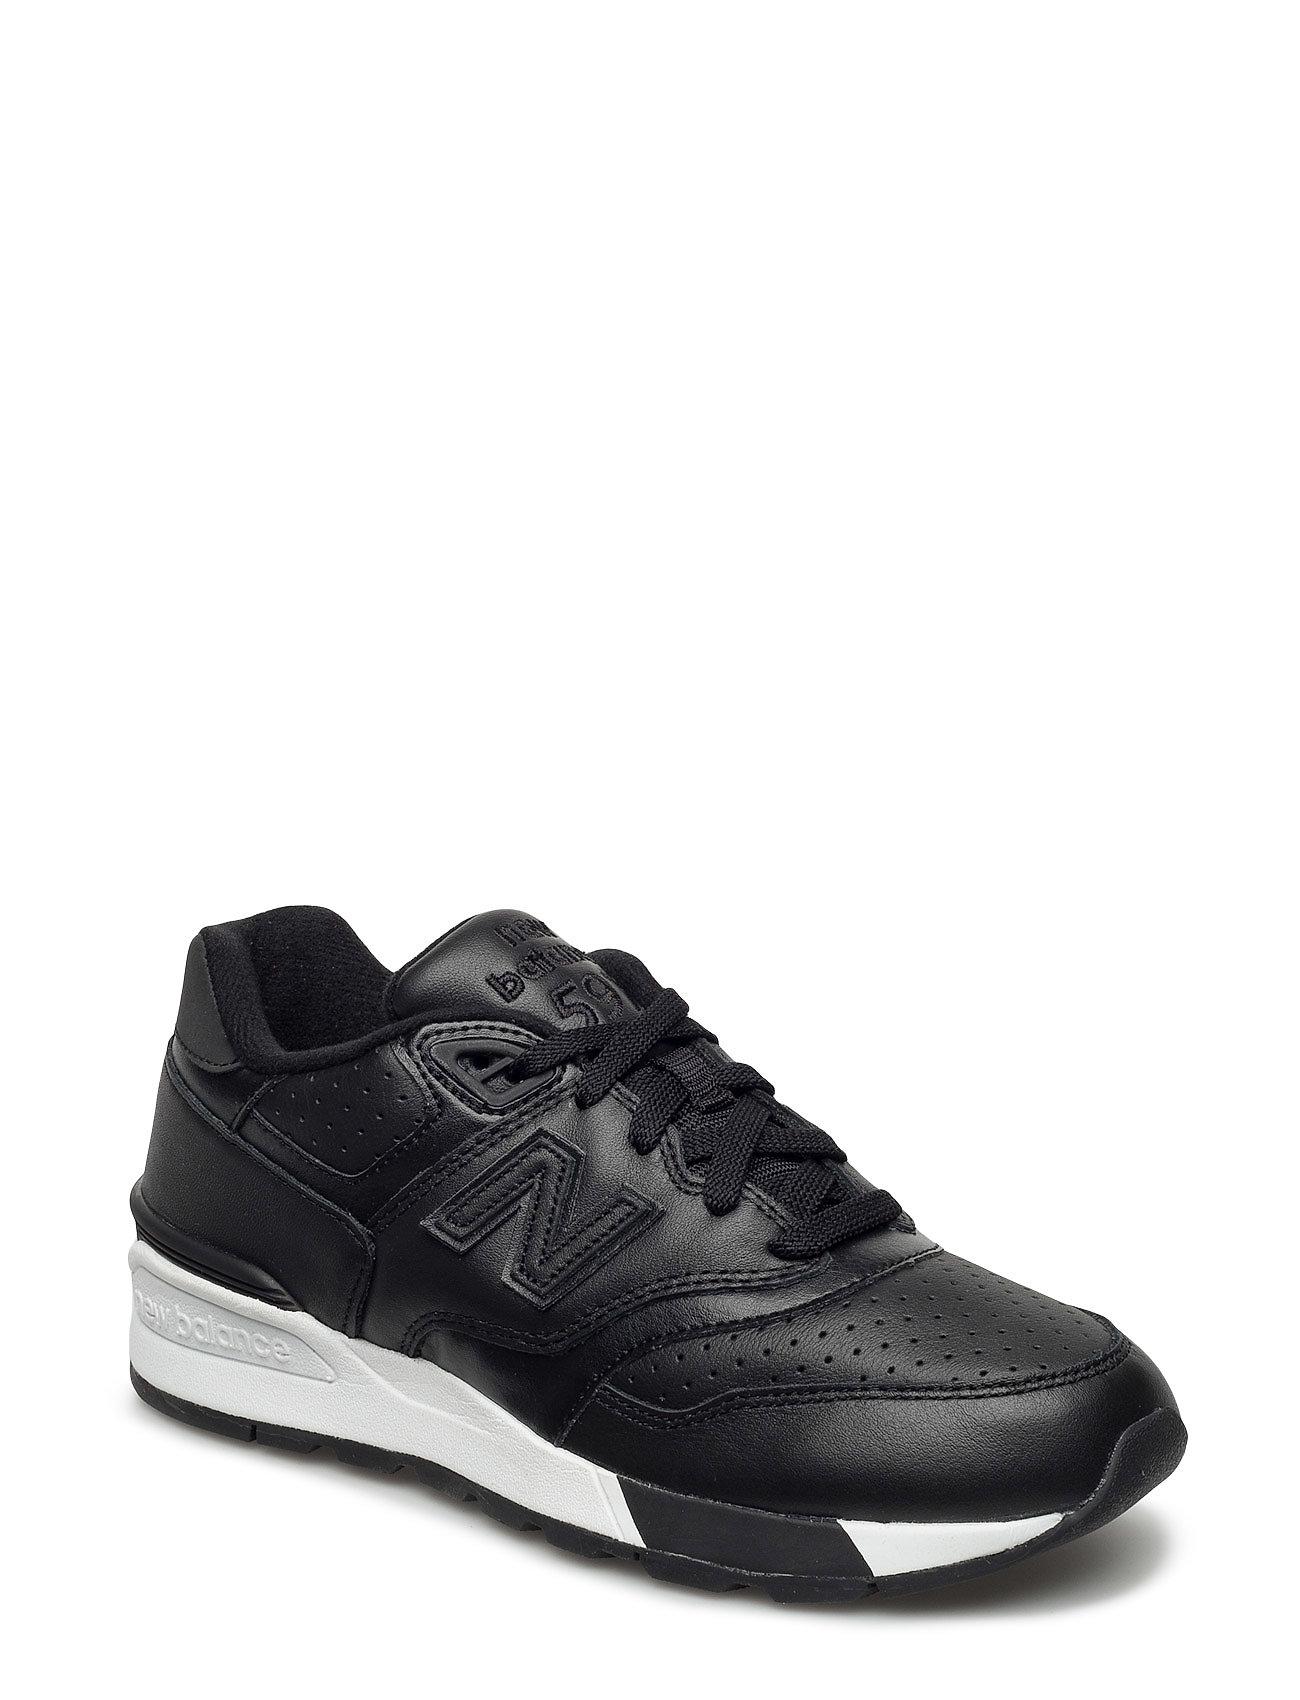 Ml597bll New Balance Sneakers til Herrer i